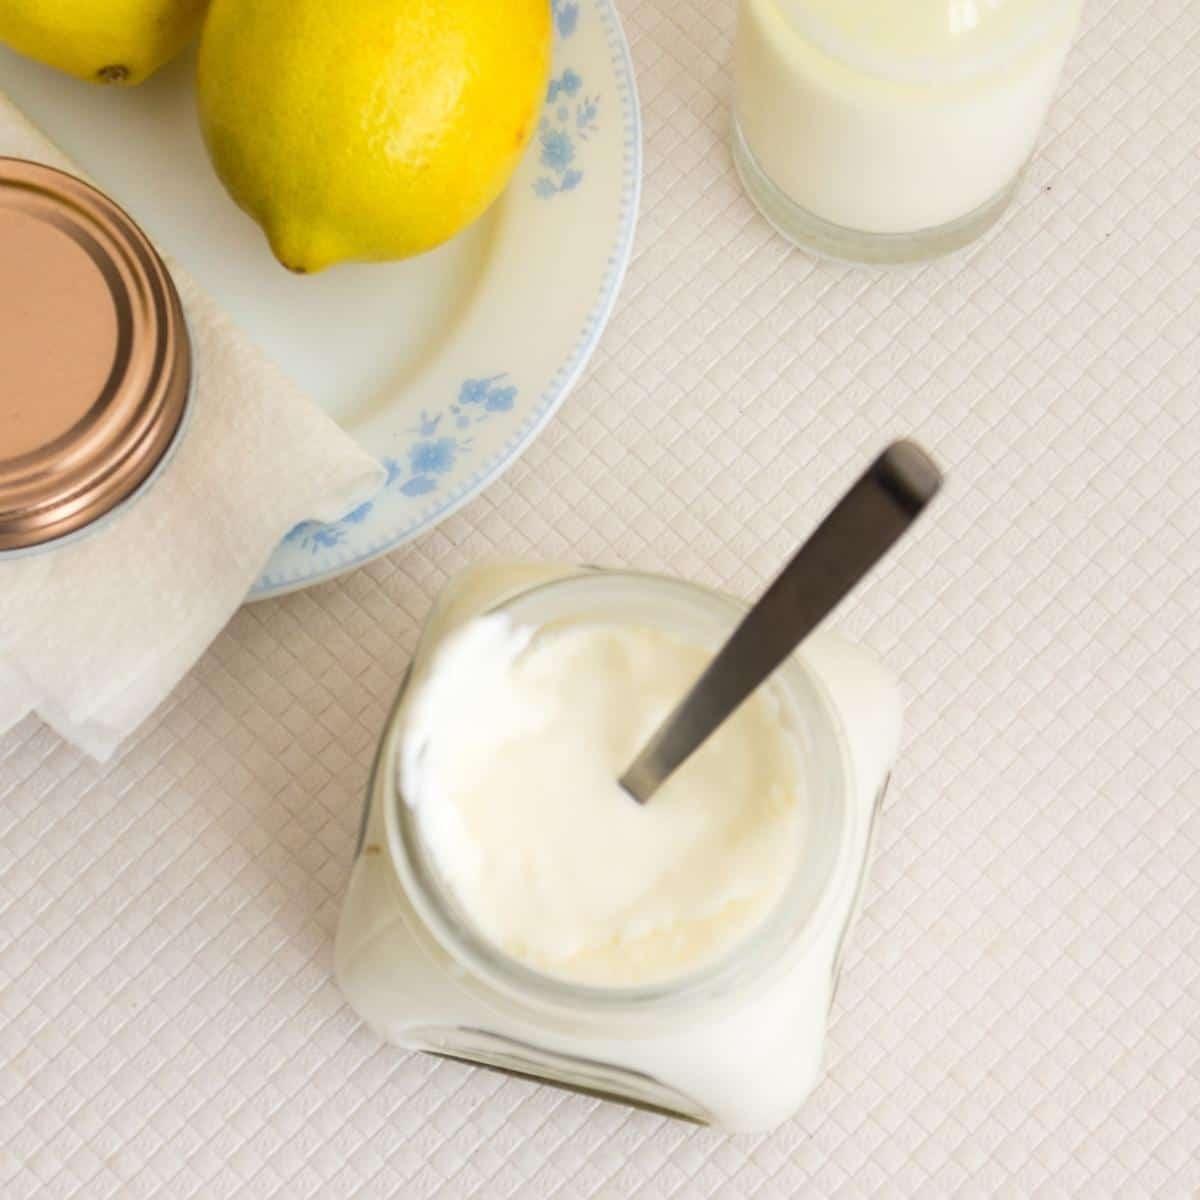 mason jar with sour cream on a table